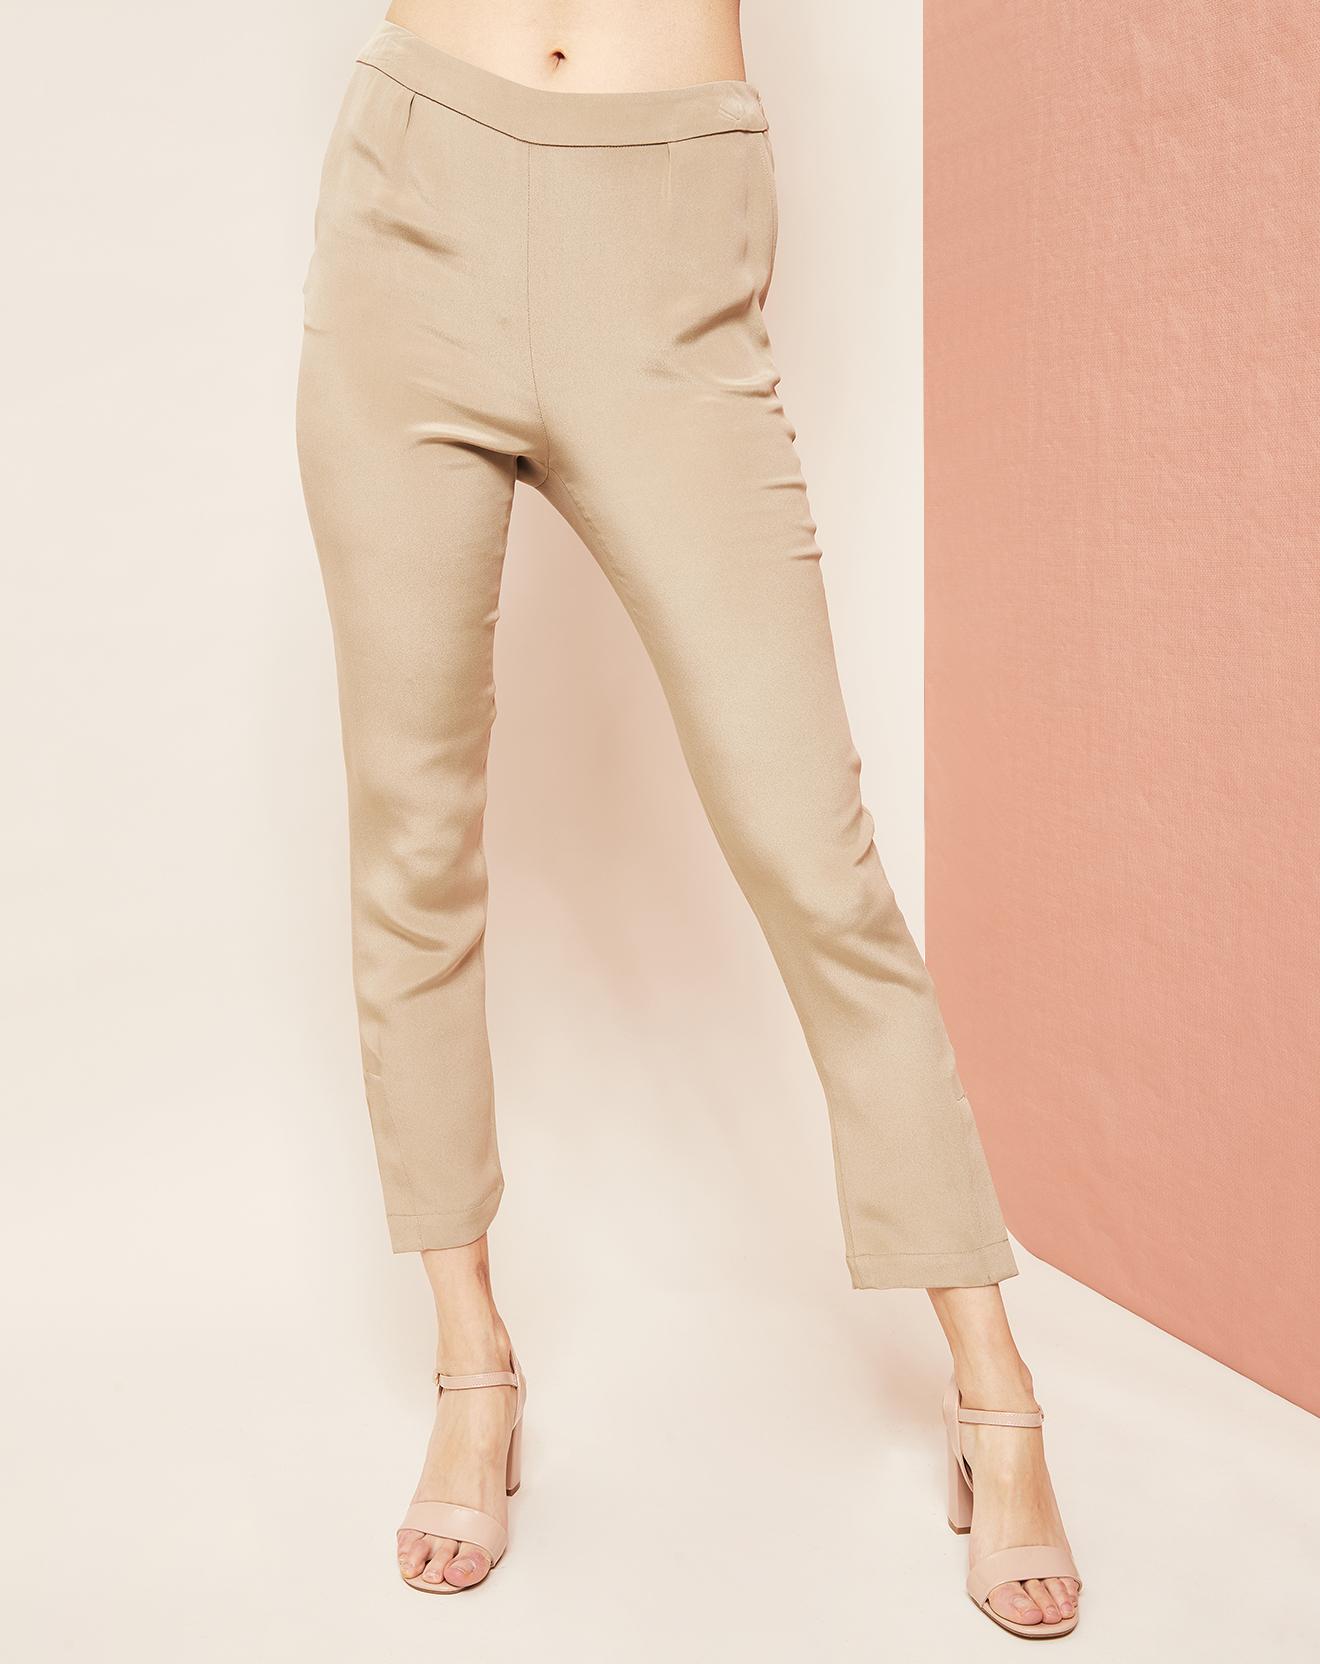 Pantalon 7/8 100% Soie crème - Hotel Particulier - Modalova